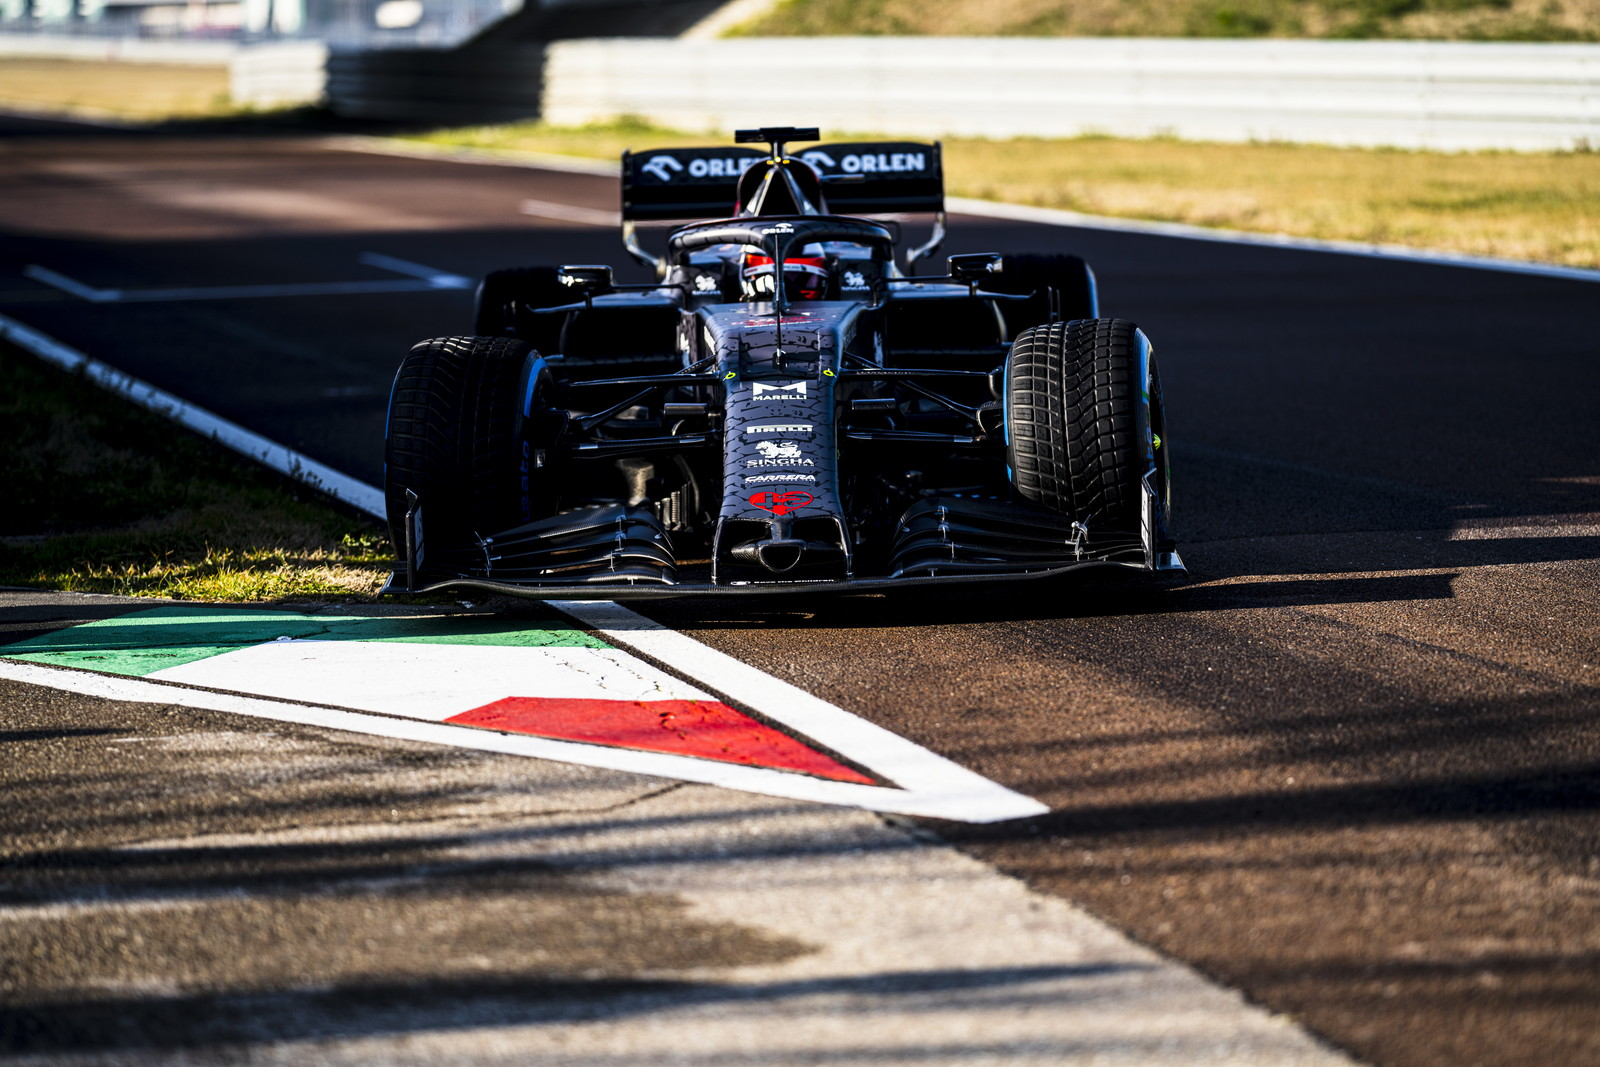 L'Alfa Romeo Sauber C39 è scesa in pista a Fiorano con Kimi Raikkonen per lo shakedown. Livrea camouflage dedicata al Biscione: i colori per la stagione verranno svelati a Barcellona in occasione dei test.